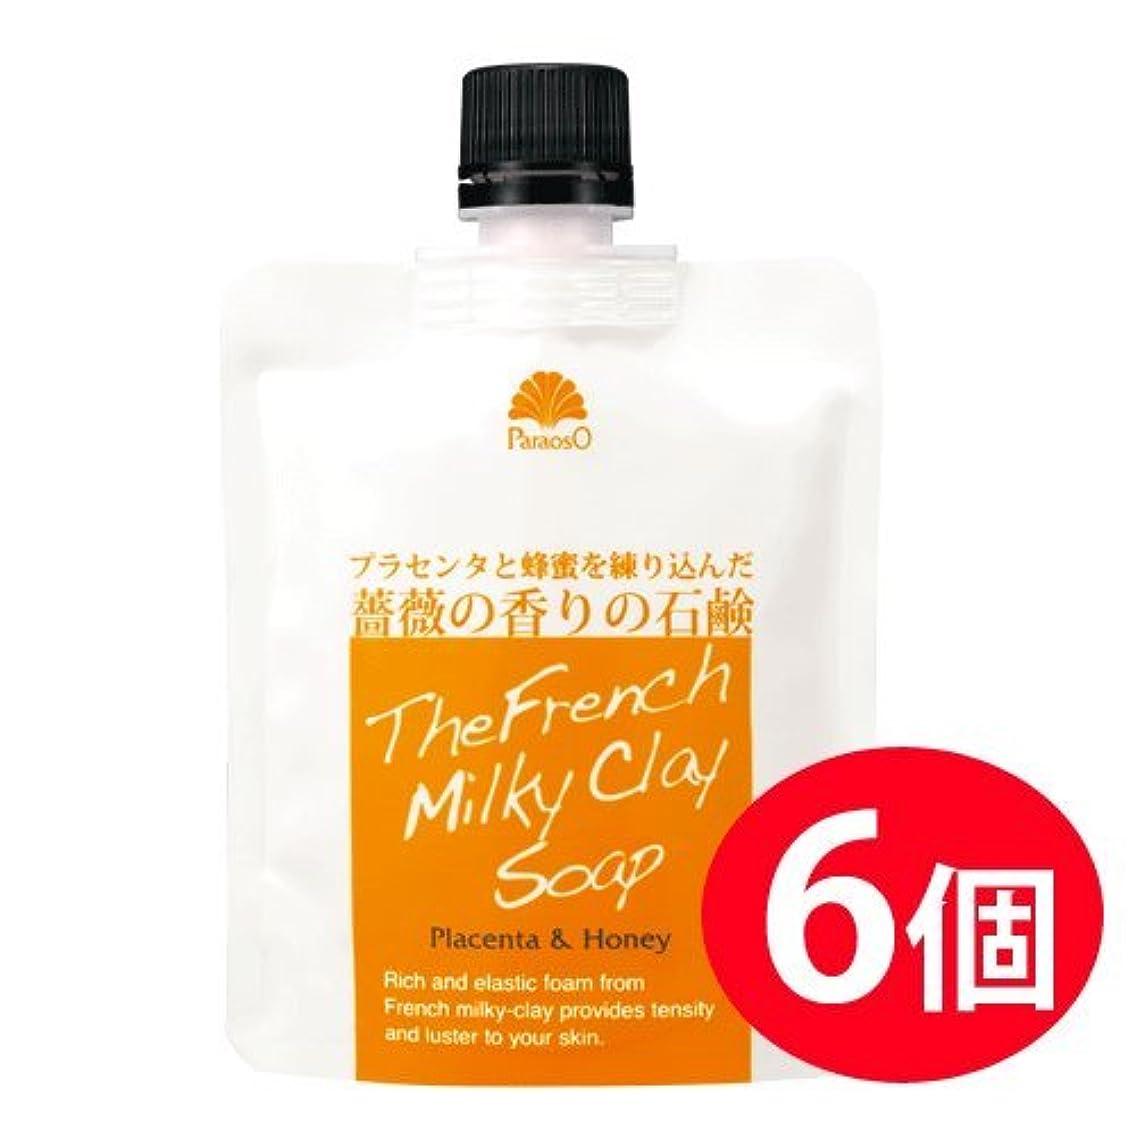 短命決定的ブローホールプラセンタと蜂蜜を練り込んだ薔薇の香りの生石鹸 パラオソフレンチクレイソープ 6個